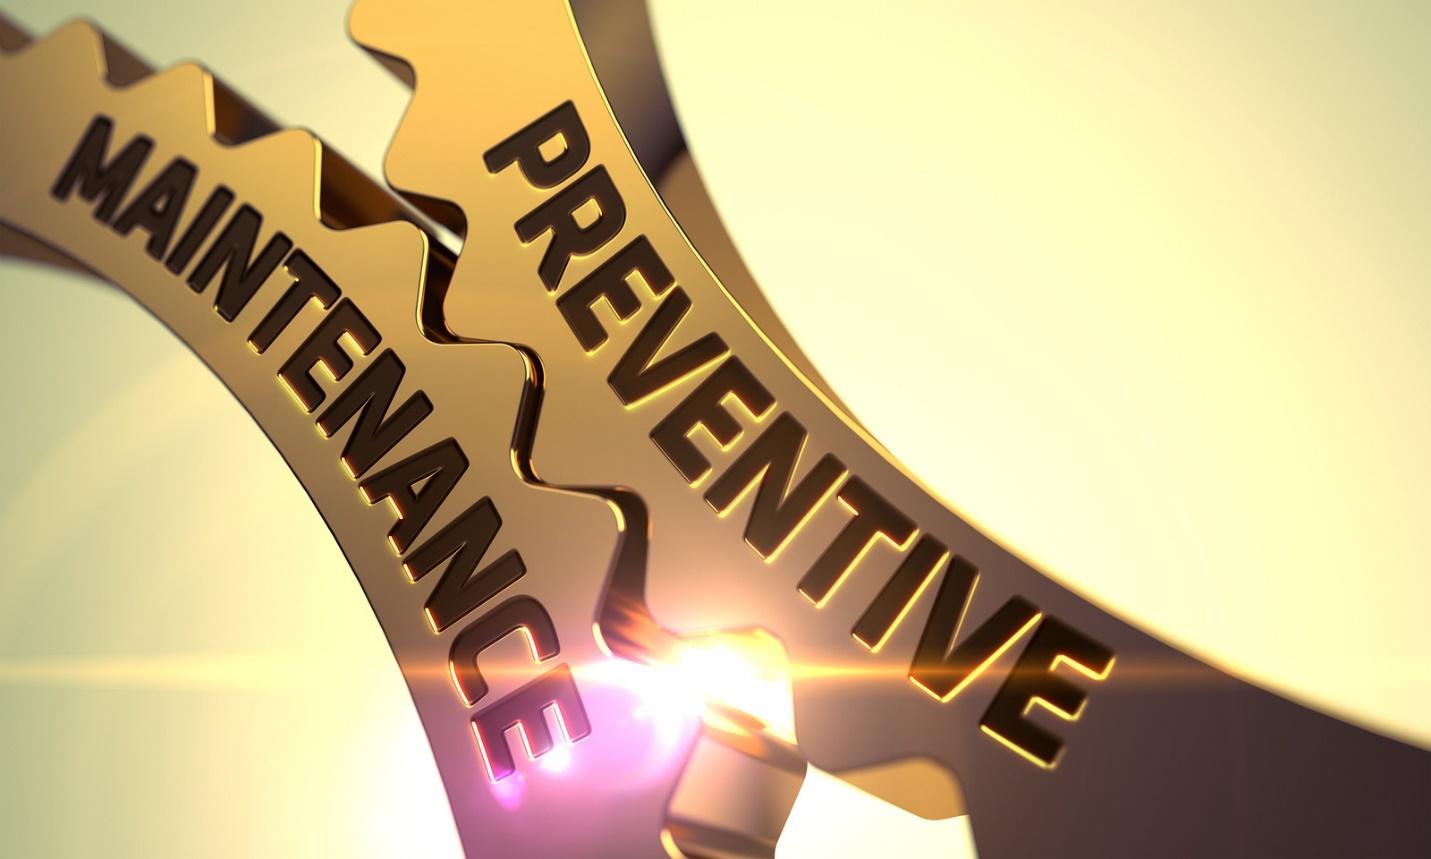 Bảo trì dự phòng (Preventive maintenance) là gì? Mục đích